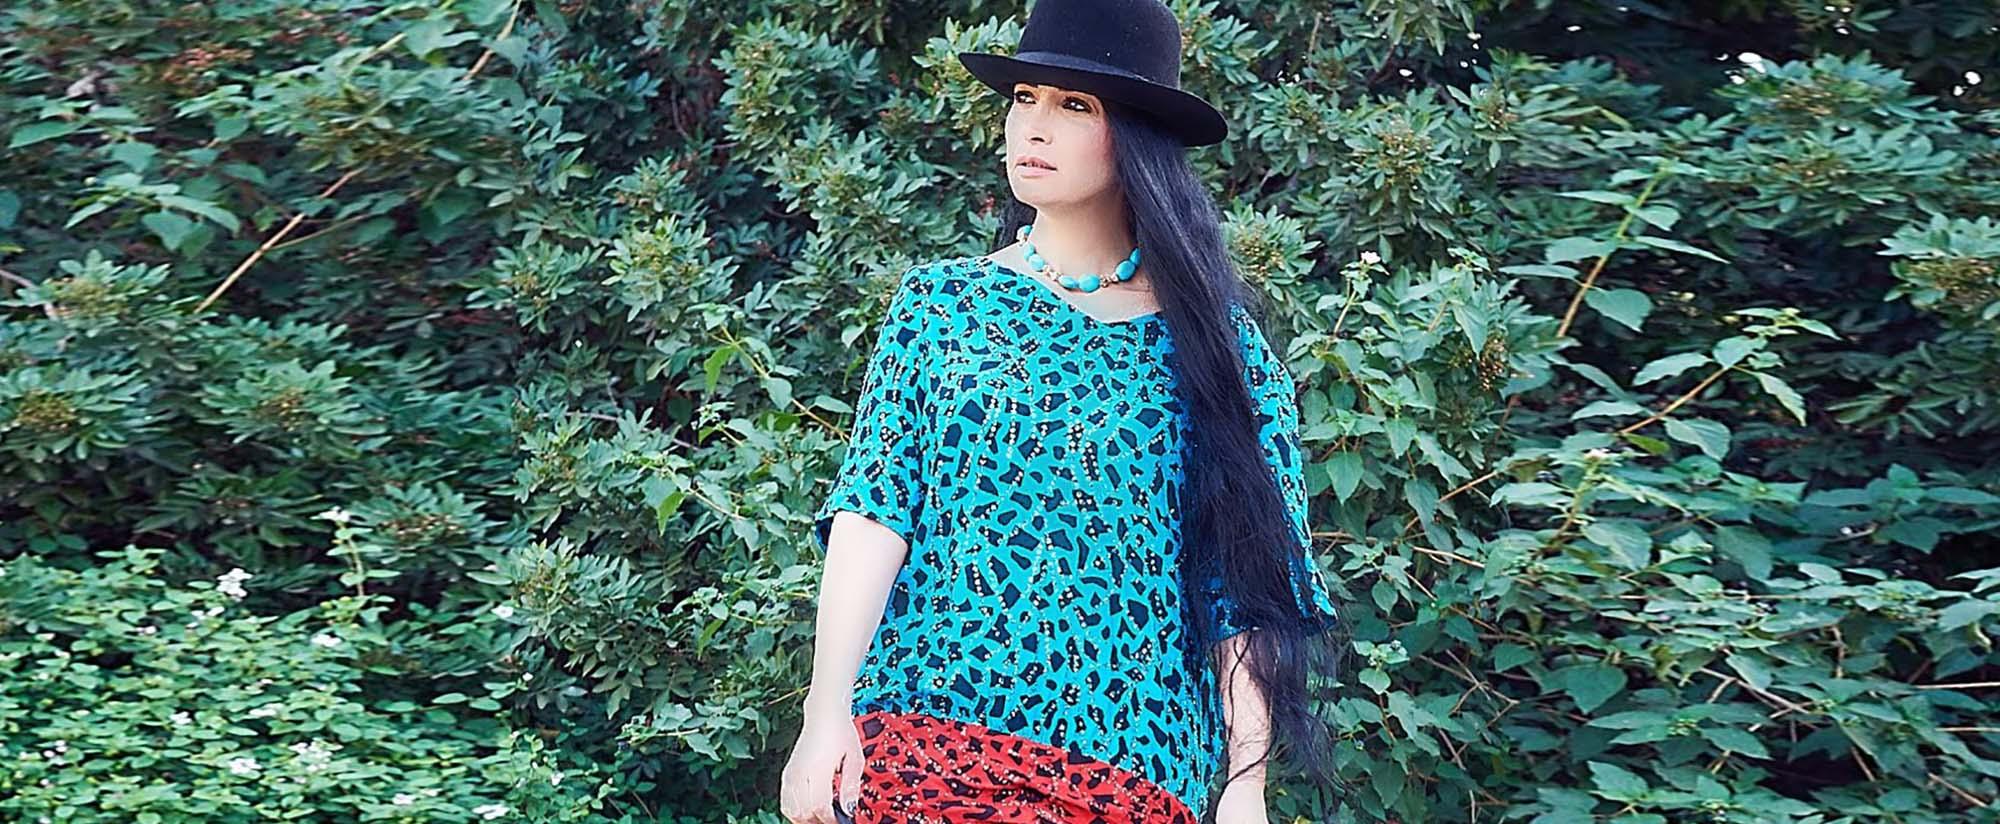 שמלה שנות ה- 80 לובשת וינטג צילום kim kandler, מגזין אופנה